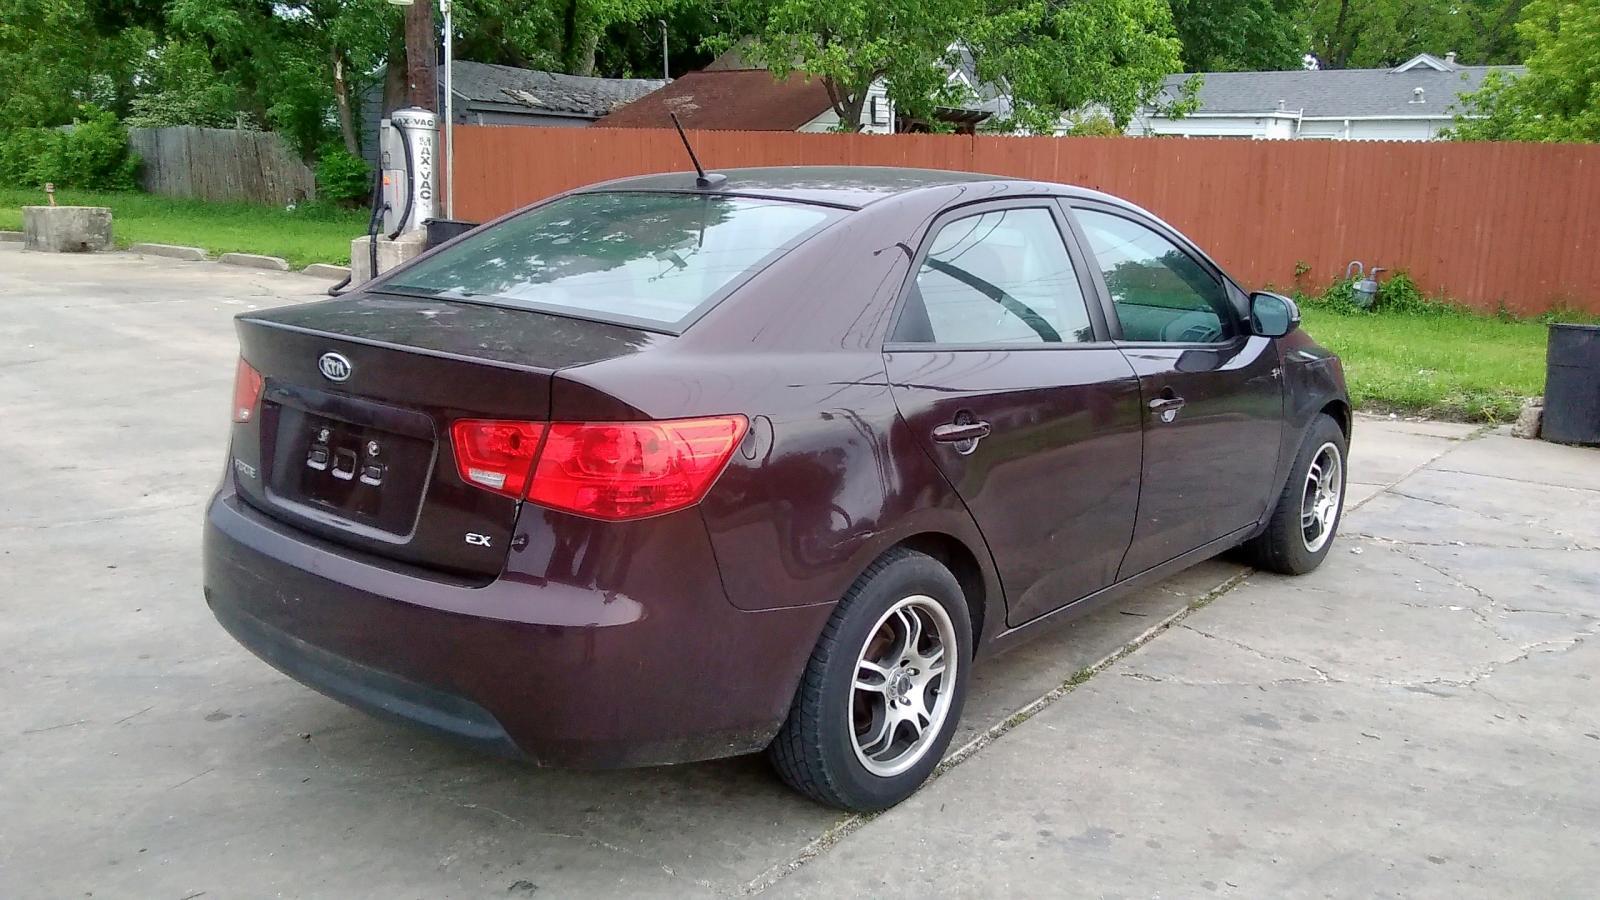 KNAFU4A20B5358577 - 2011 Kia Forte Ex 2.0L rear view